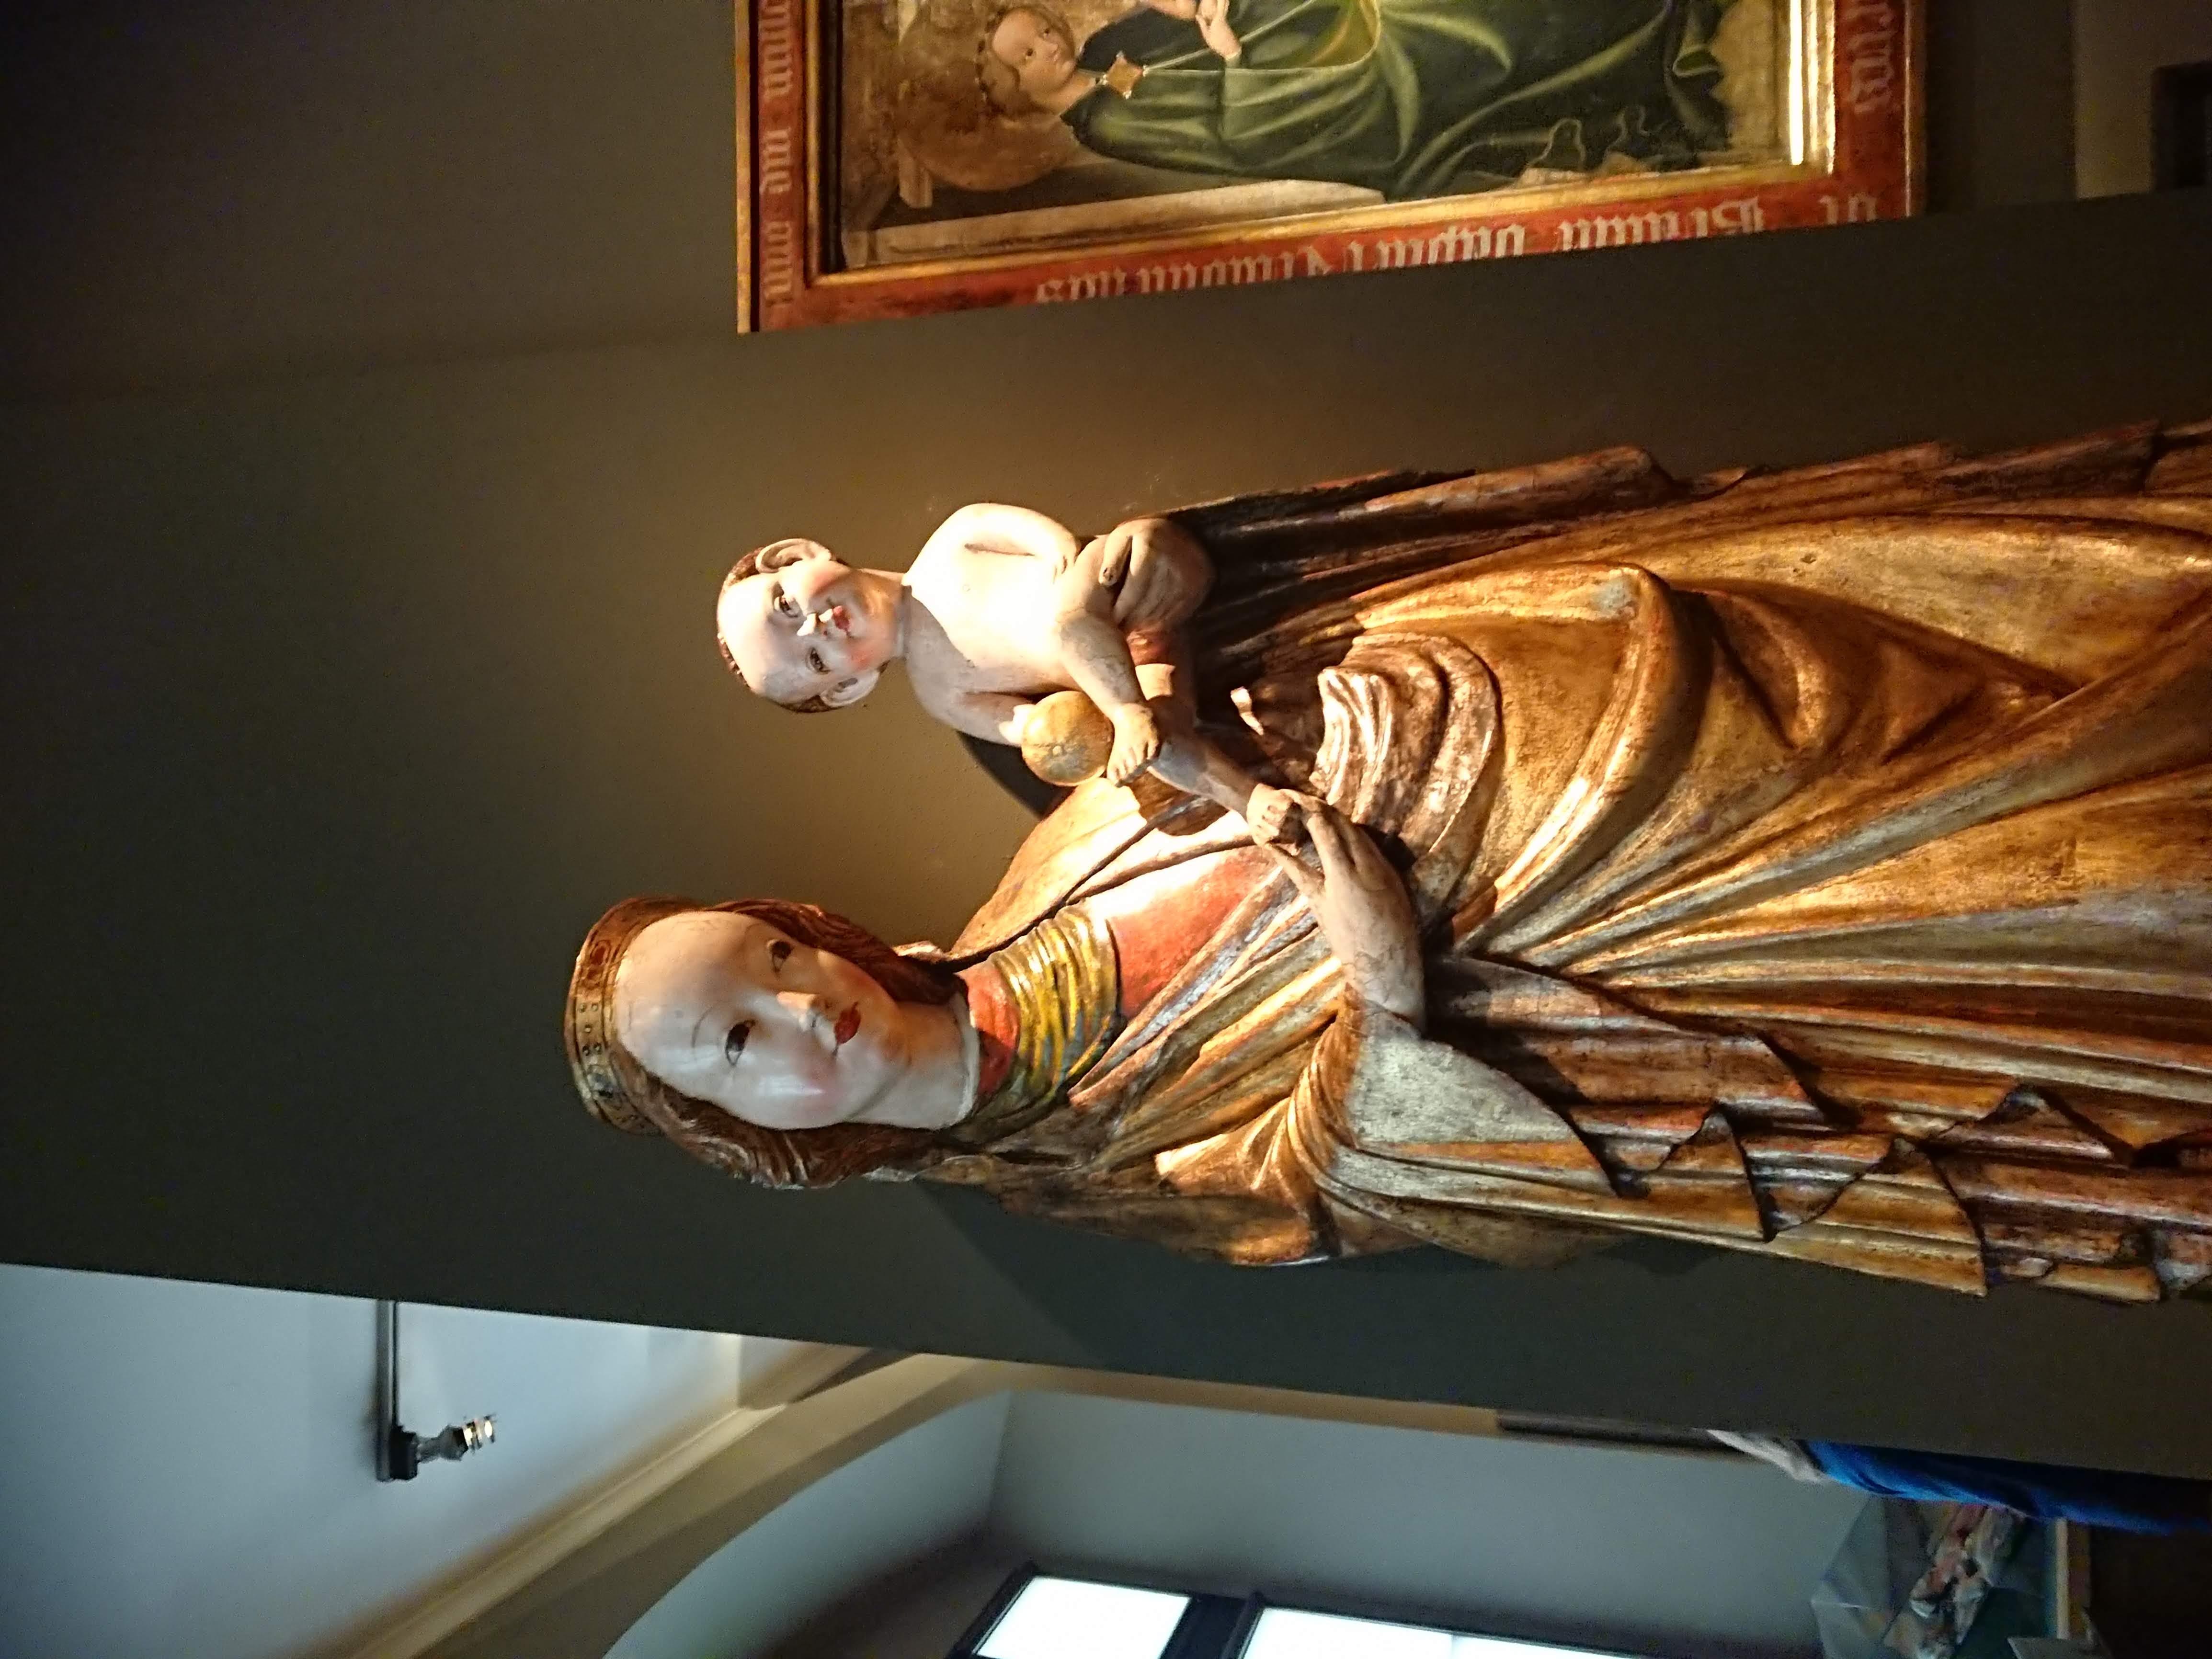 Madonna z Krużlowej w Pałacu Biskupa Erazma Ciołka, źródło: archiwum autorki